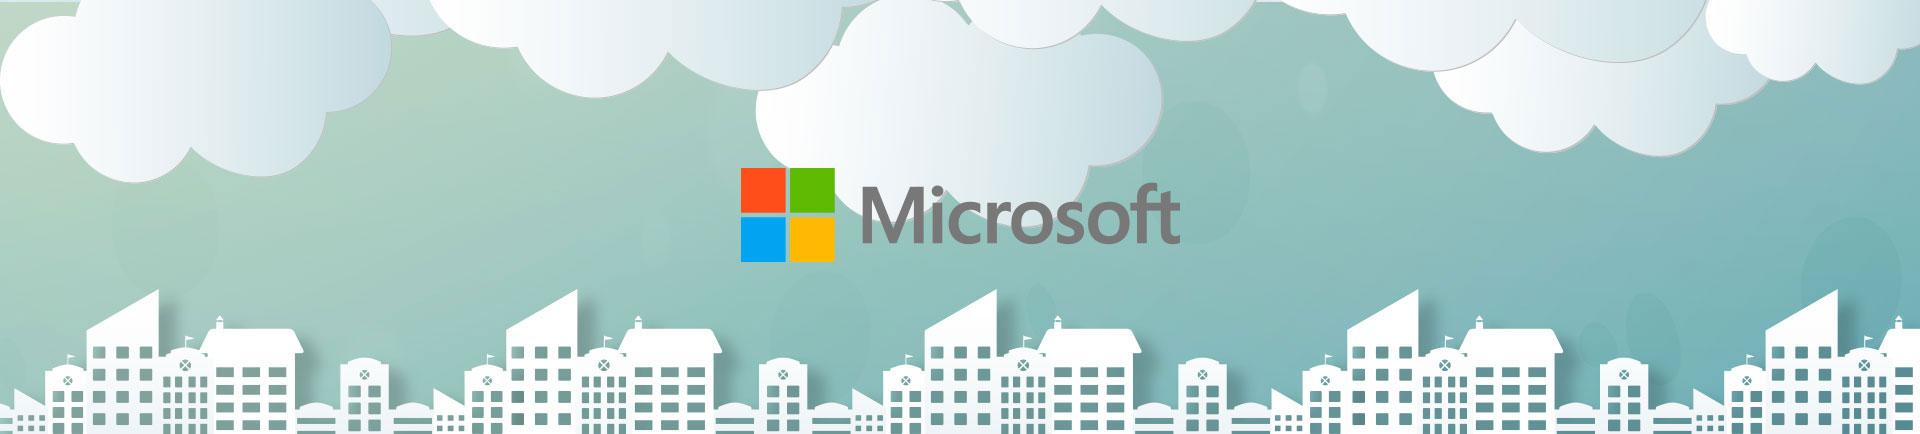 Microsoft eCommerce Solutions